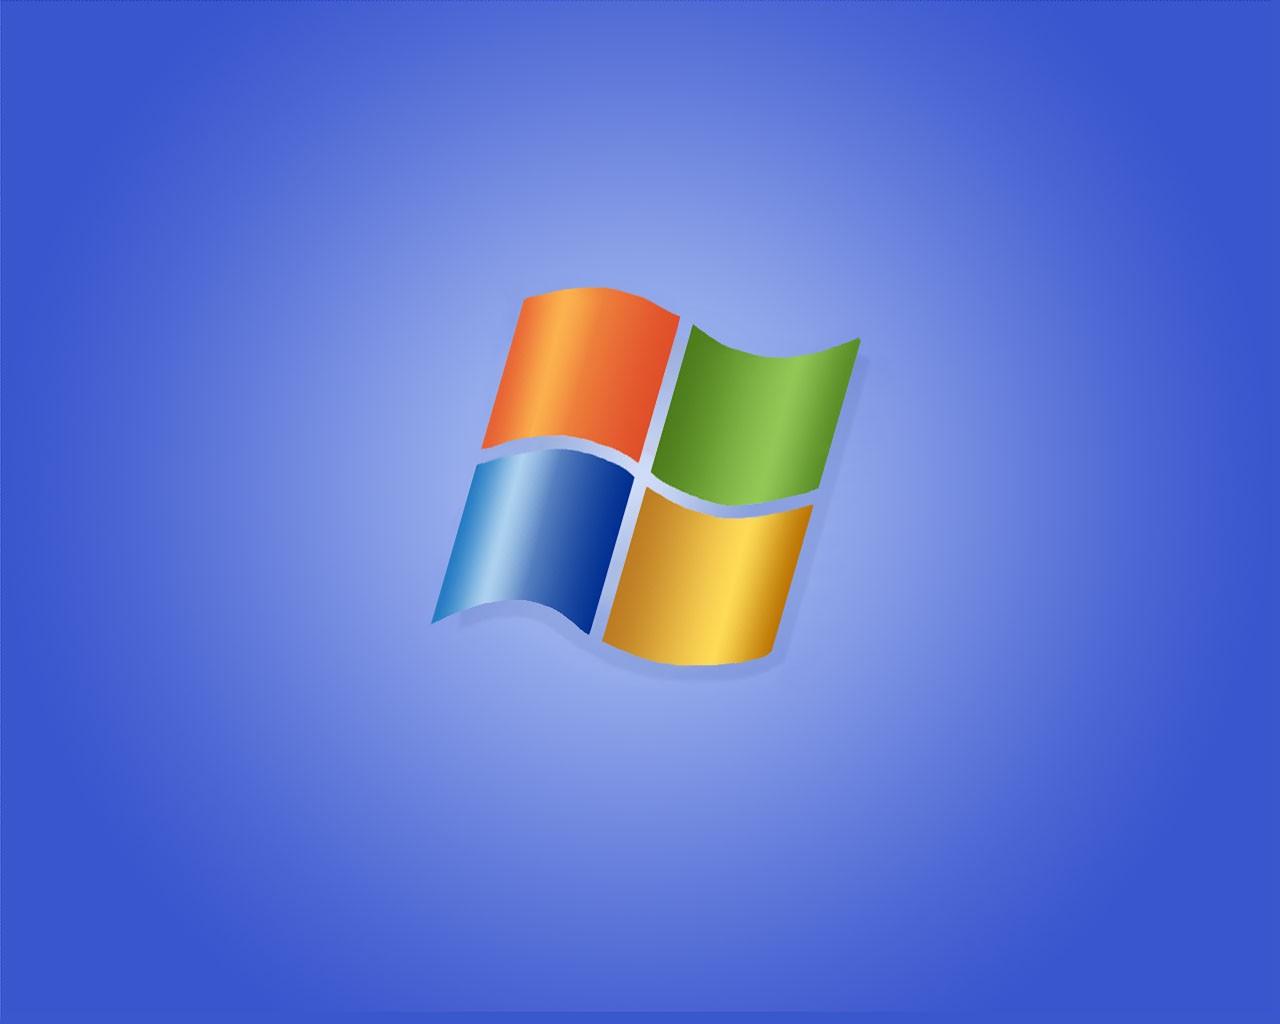 Microsoft propose aussi de nombreux services comme l 39 outil for Fenetre windows xp